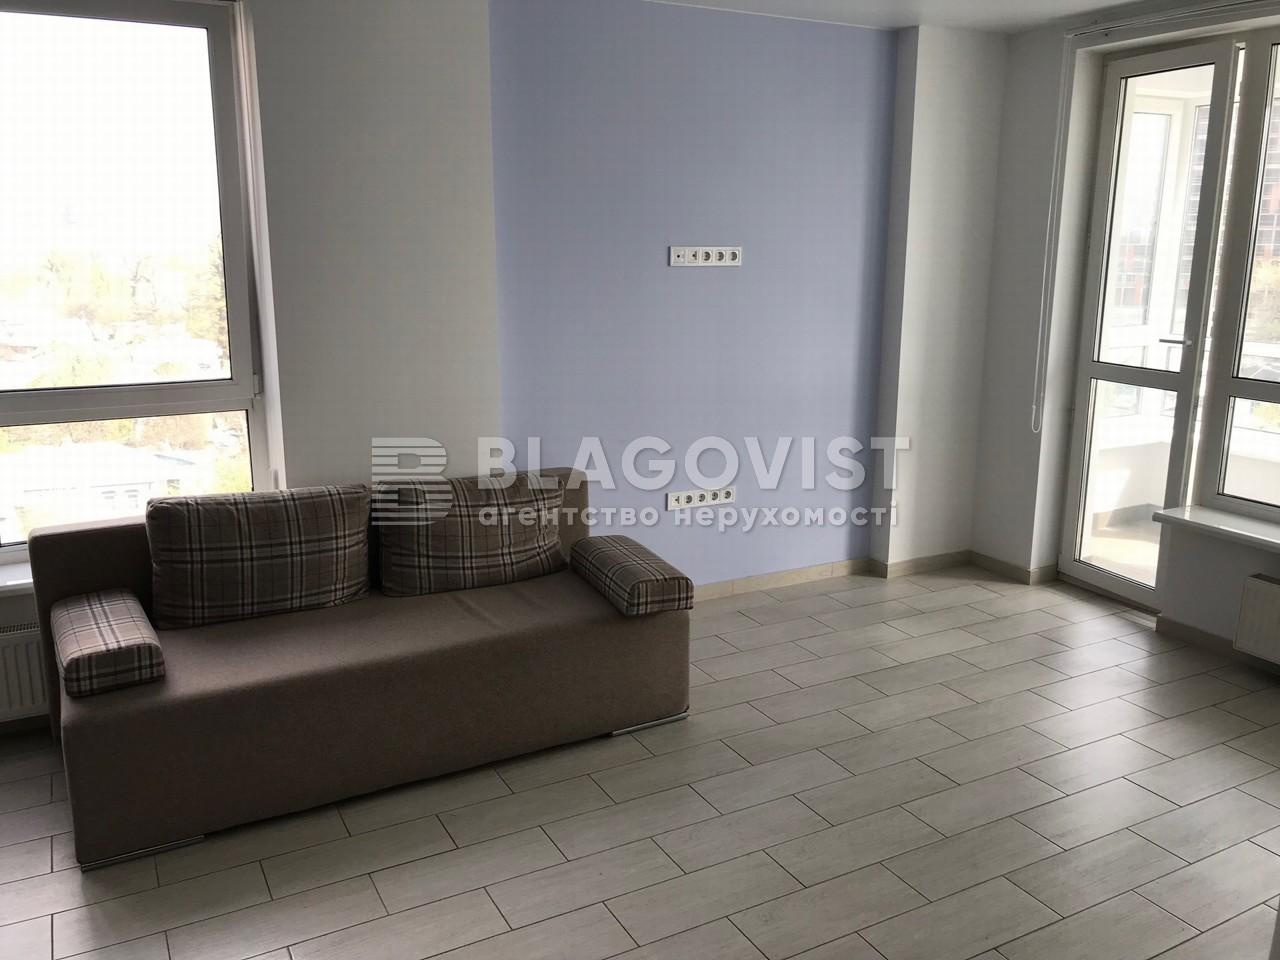 Квартира R-25795, Заречная, 3а, Киев - Фото 5